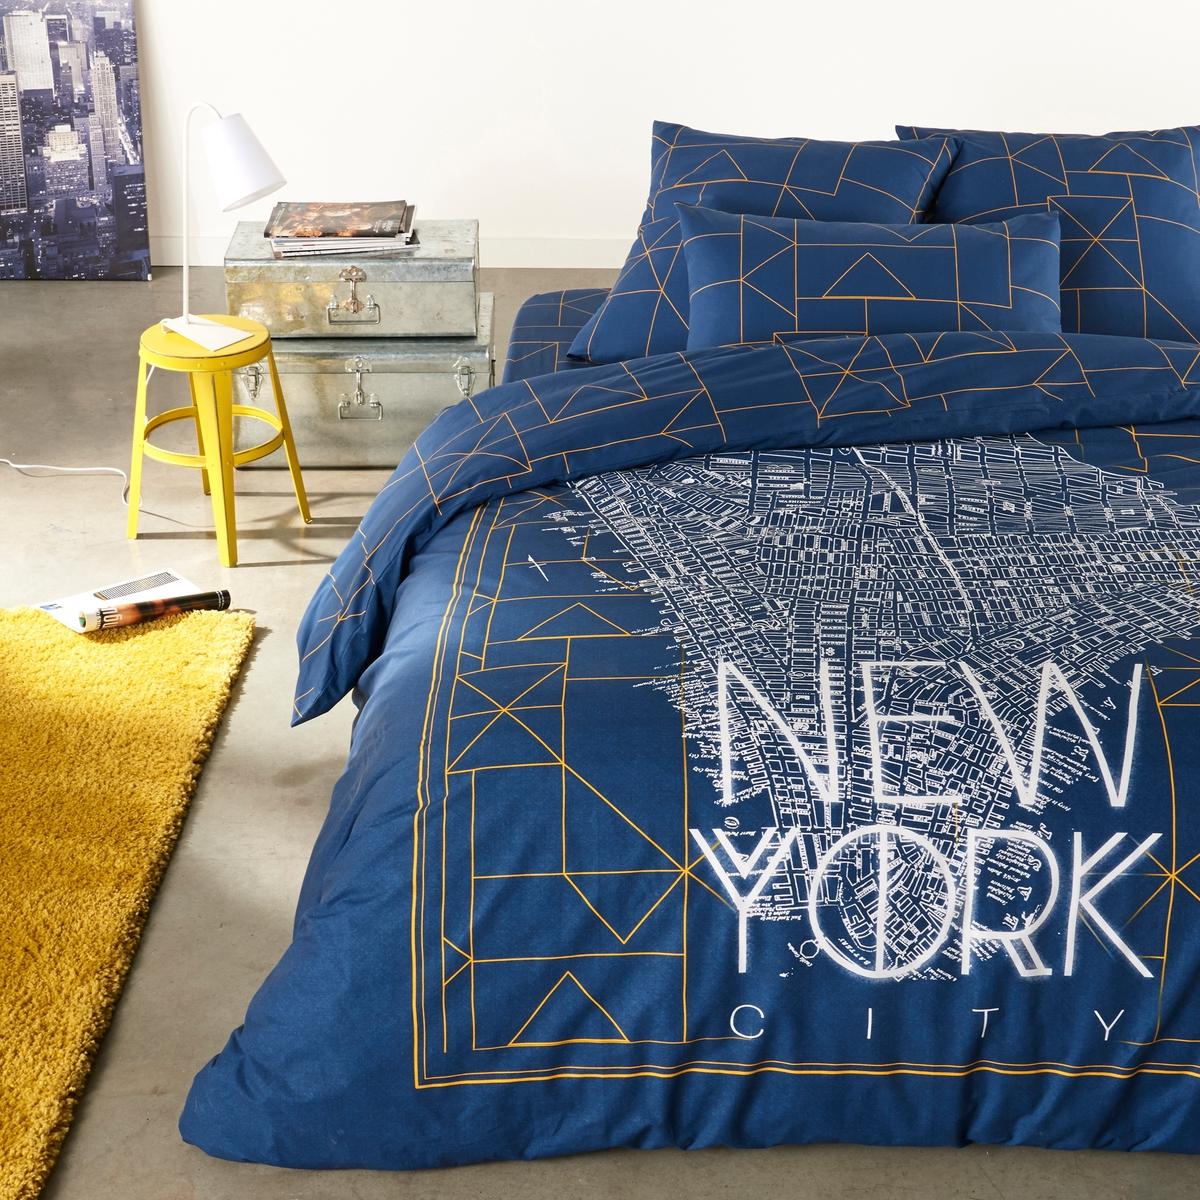 Пододеяльник DwightПододеяльник с рисунком : для приятных снов на этом постельном белье с рисунком города, который никогда не спит! Описание пододеяльника Dwight :Клапан для заправки под матрас.На лицевой стороне : рисунок плана Нью-Йорка и название города, на оборотной стороне - сплошной геометрический рисунокХарактеристики пододеяльника Dwight:100% хлопок (57 нитей/см?)Чем больше нитей/см?, тем выше качество материала.Машинная стирка при 60 °С.Размеры :140 x 200 см : 1-спальный200 х 200 см : 1-2-спальный240 х 220 см : 2-спальный260 x 220 см : 2-спальныйОткройте для себя всю коллекцию постельного белья Dwight на нашем сайте<br><br>Цвет: темно-синий<br>Размер: 240 x 220  см